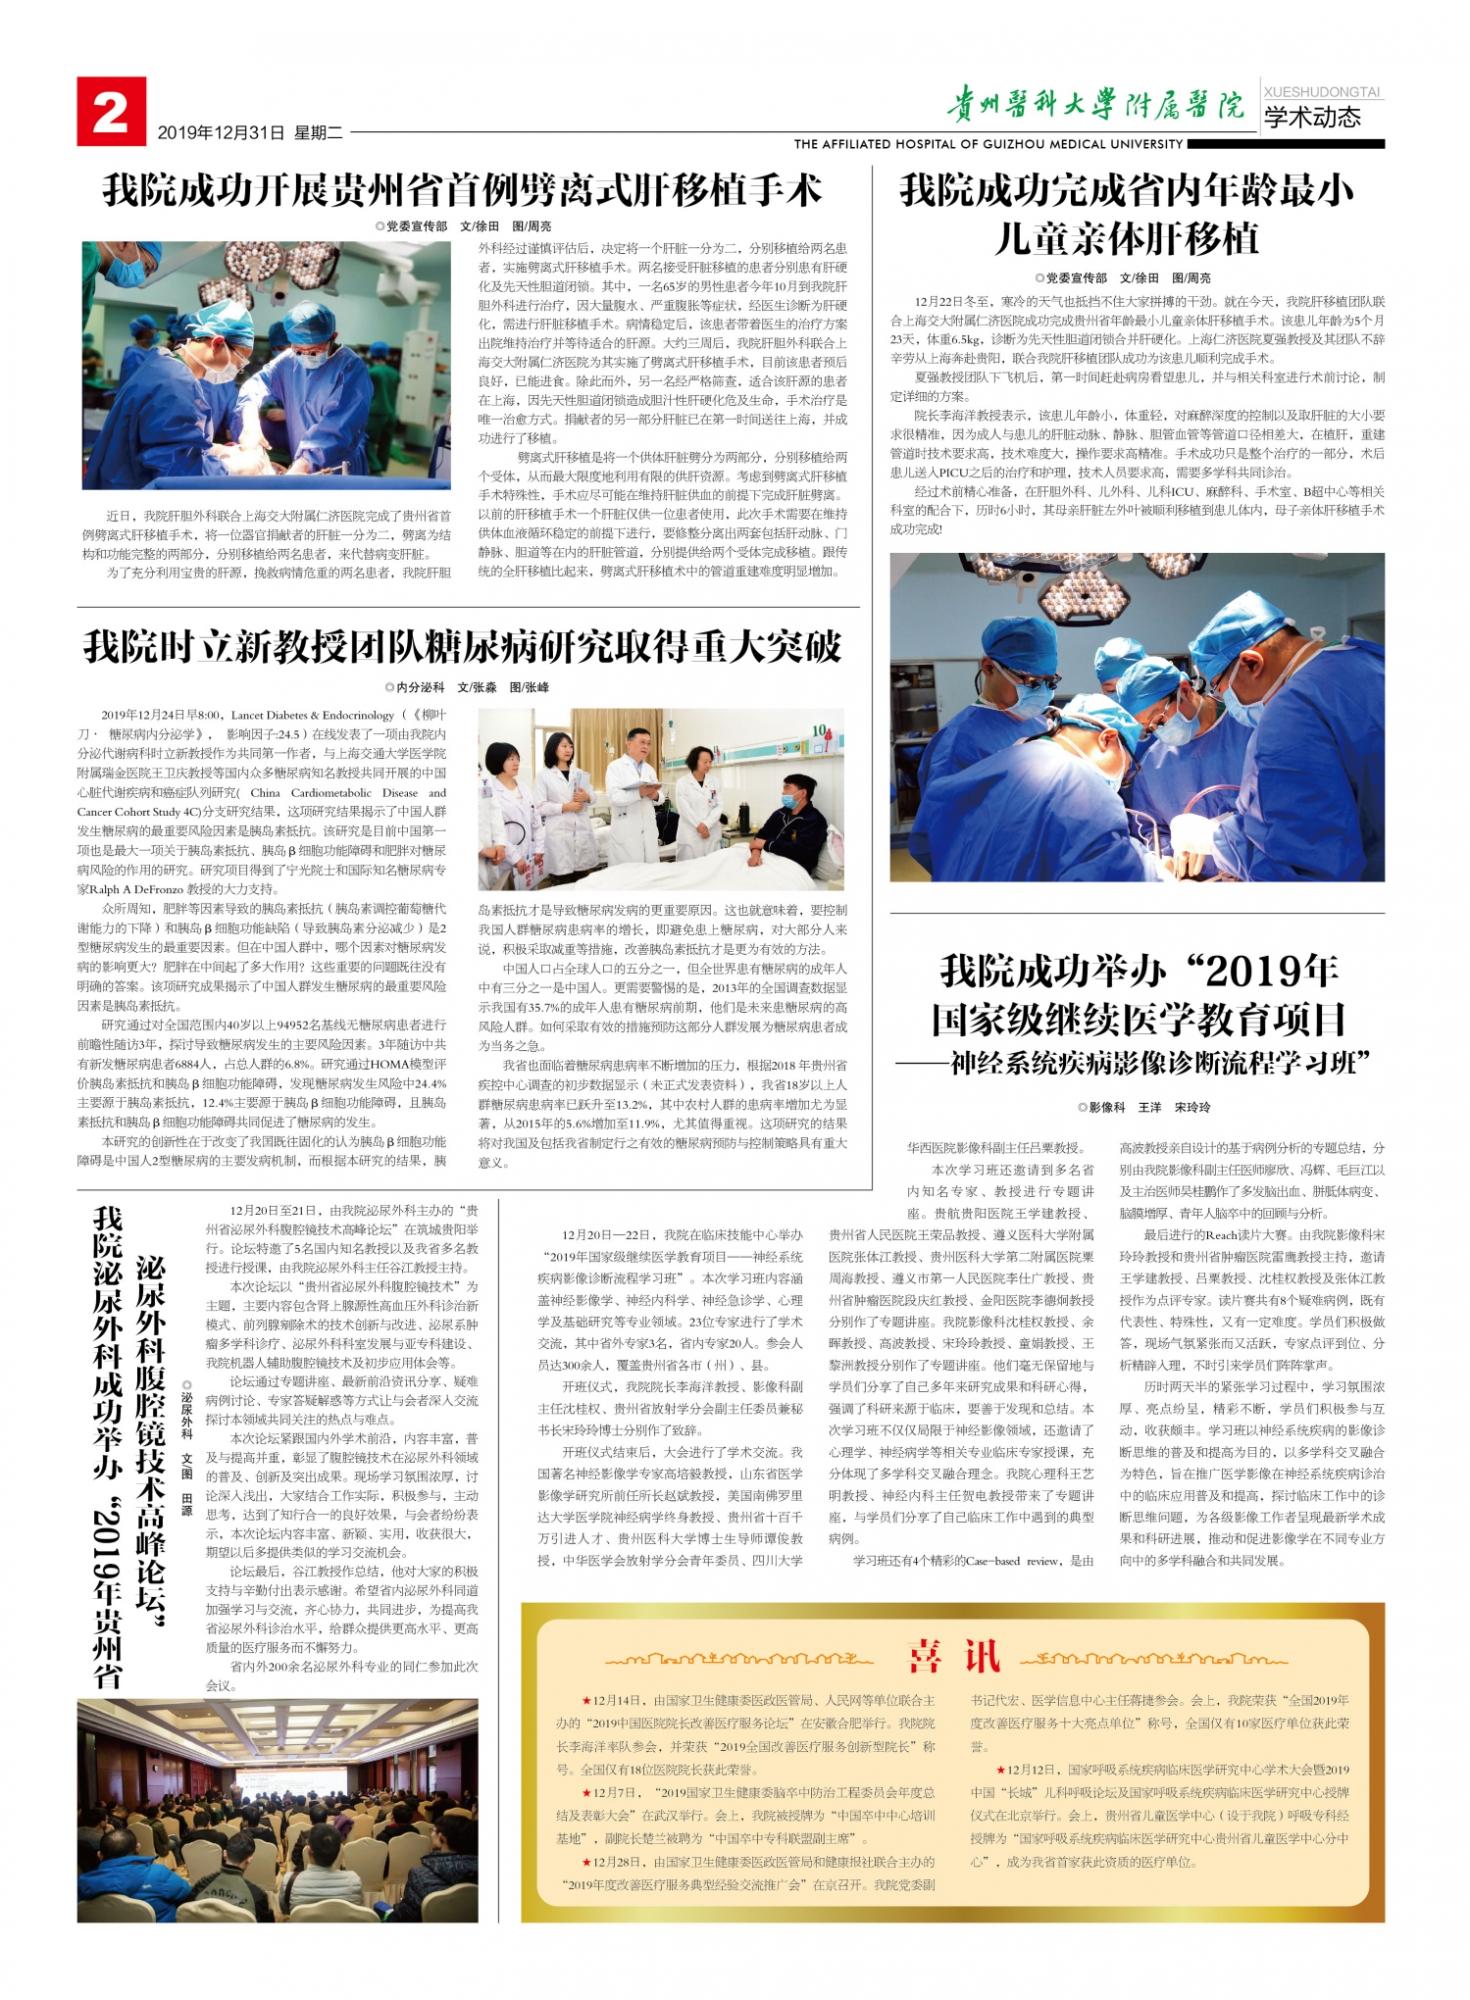 貴醫報107期2版